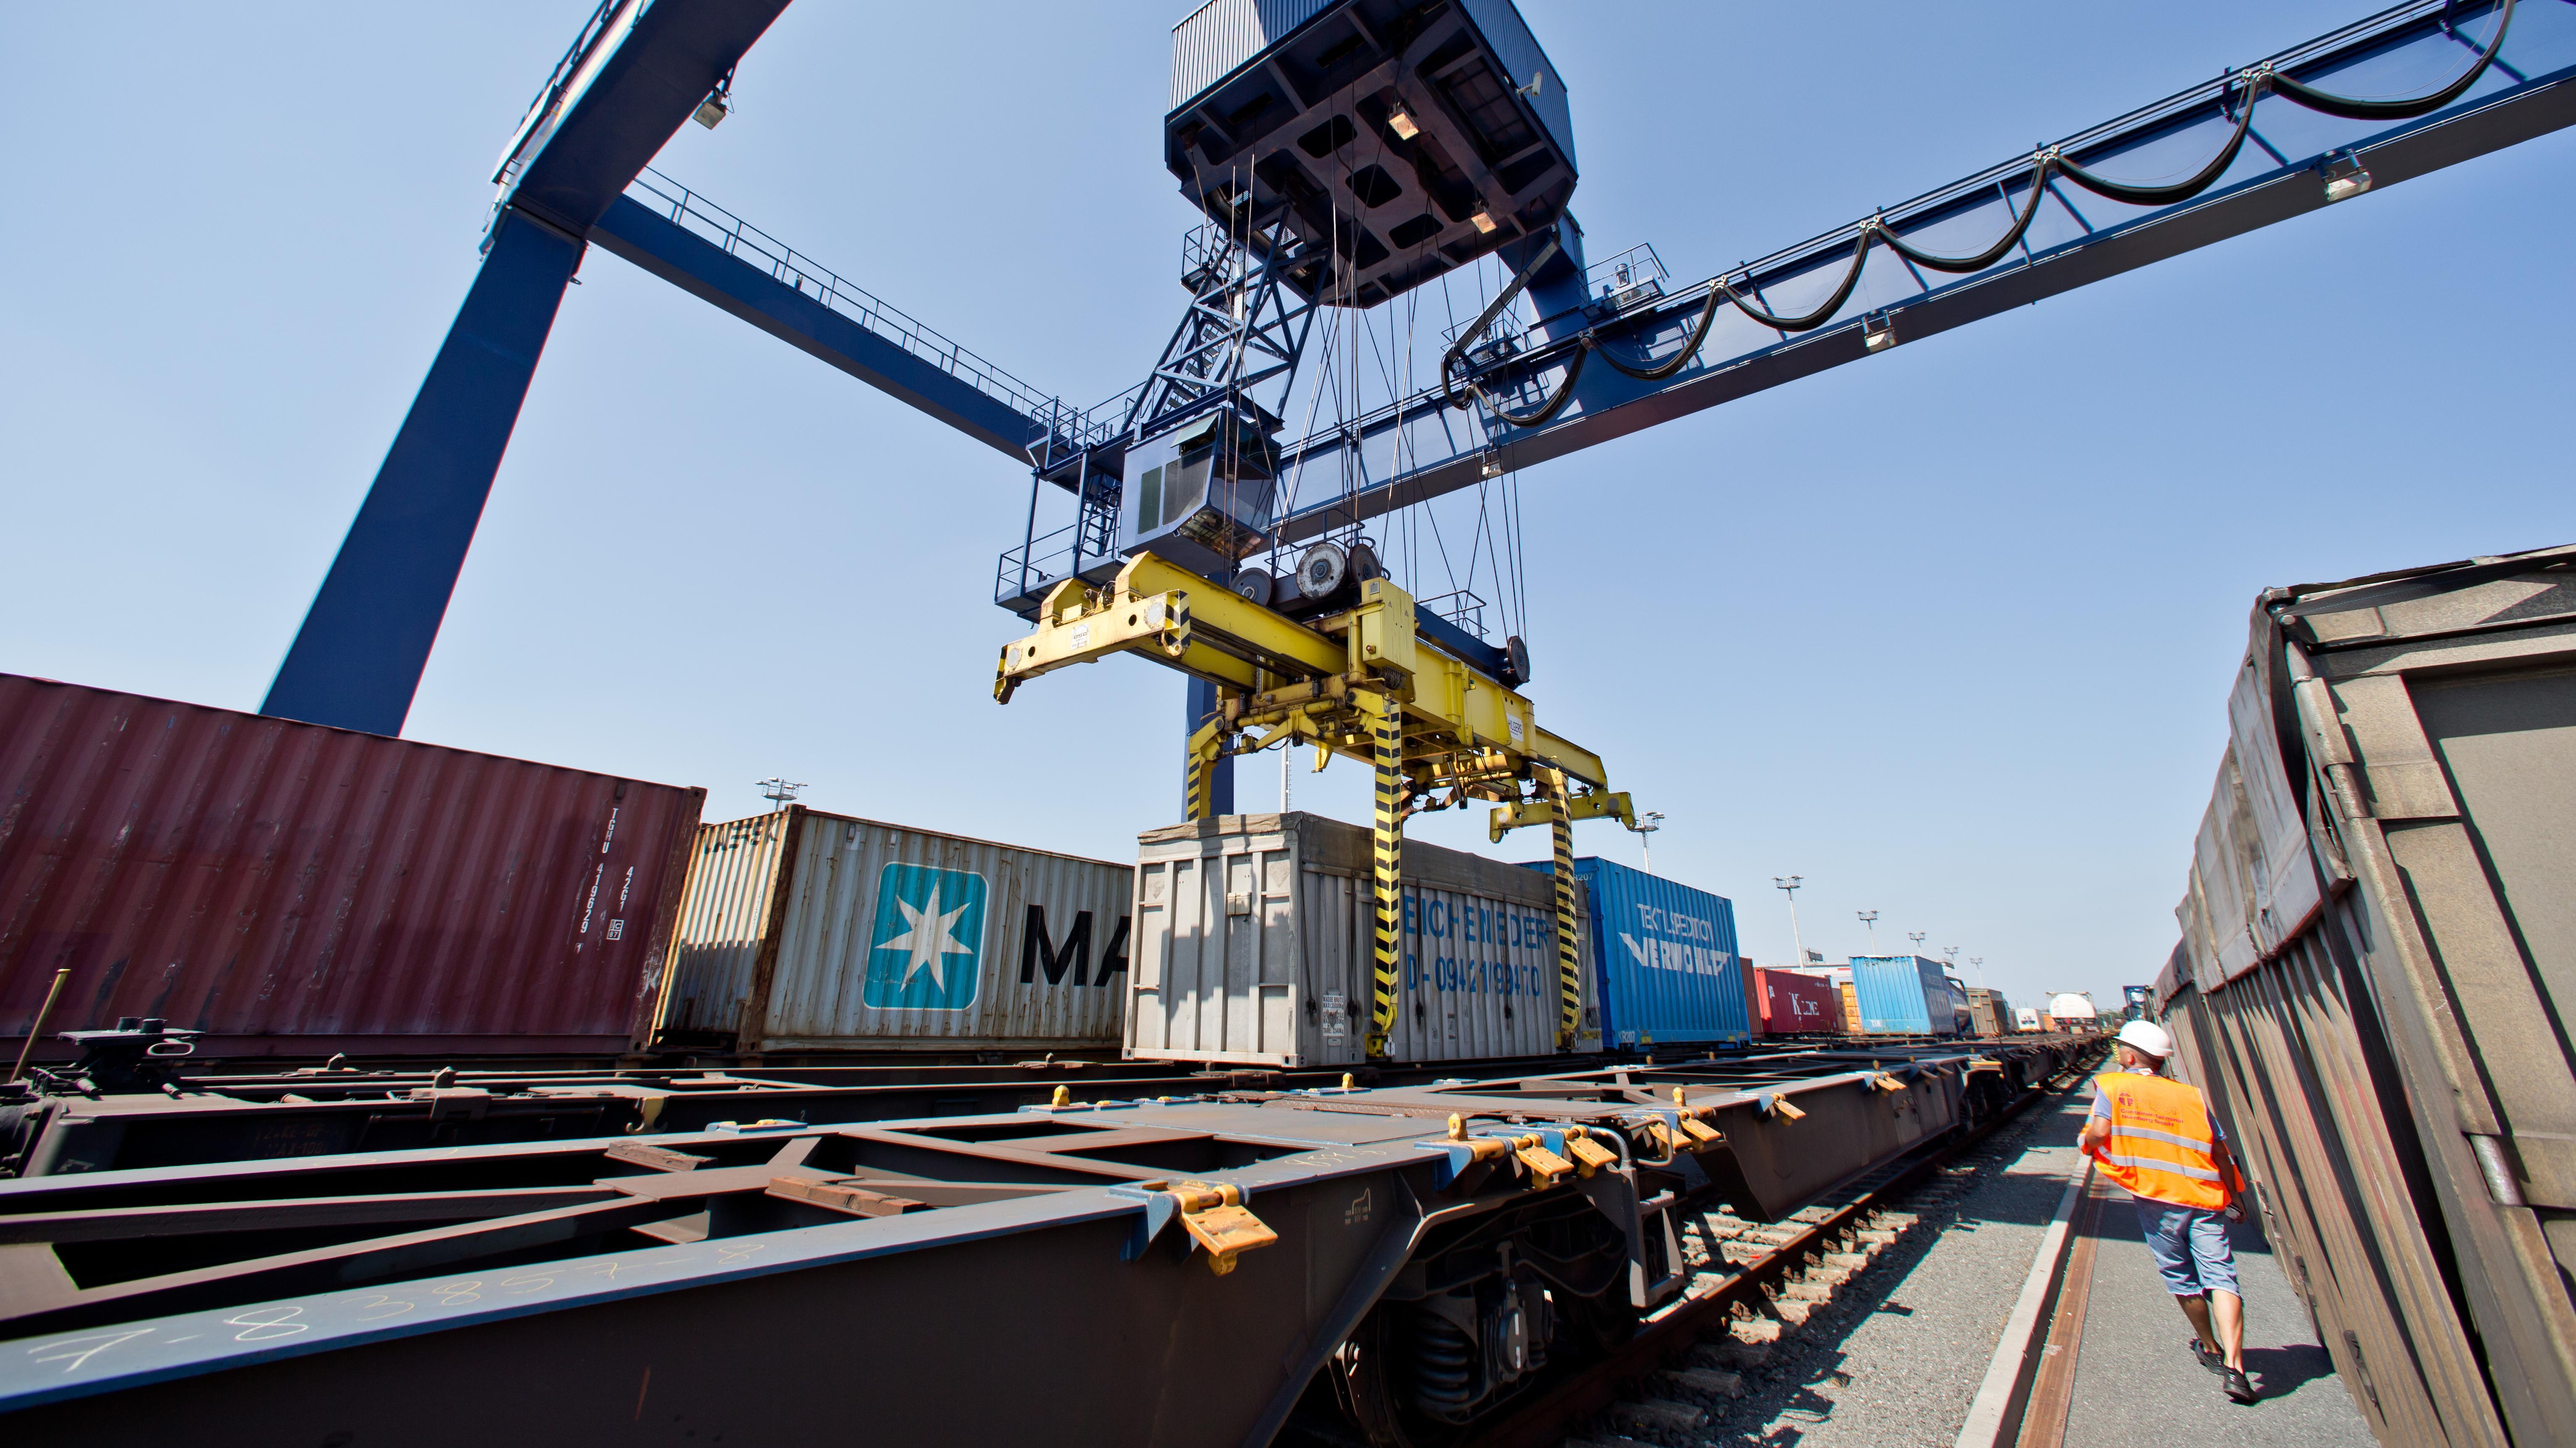 Mit einem Kran werden am Hafen in Nürnberg Frachtcontainer auf die Schiene verladen.